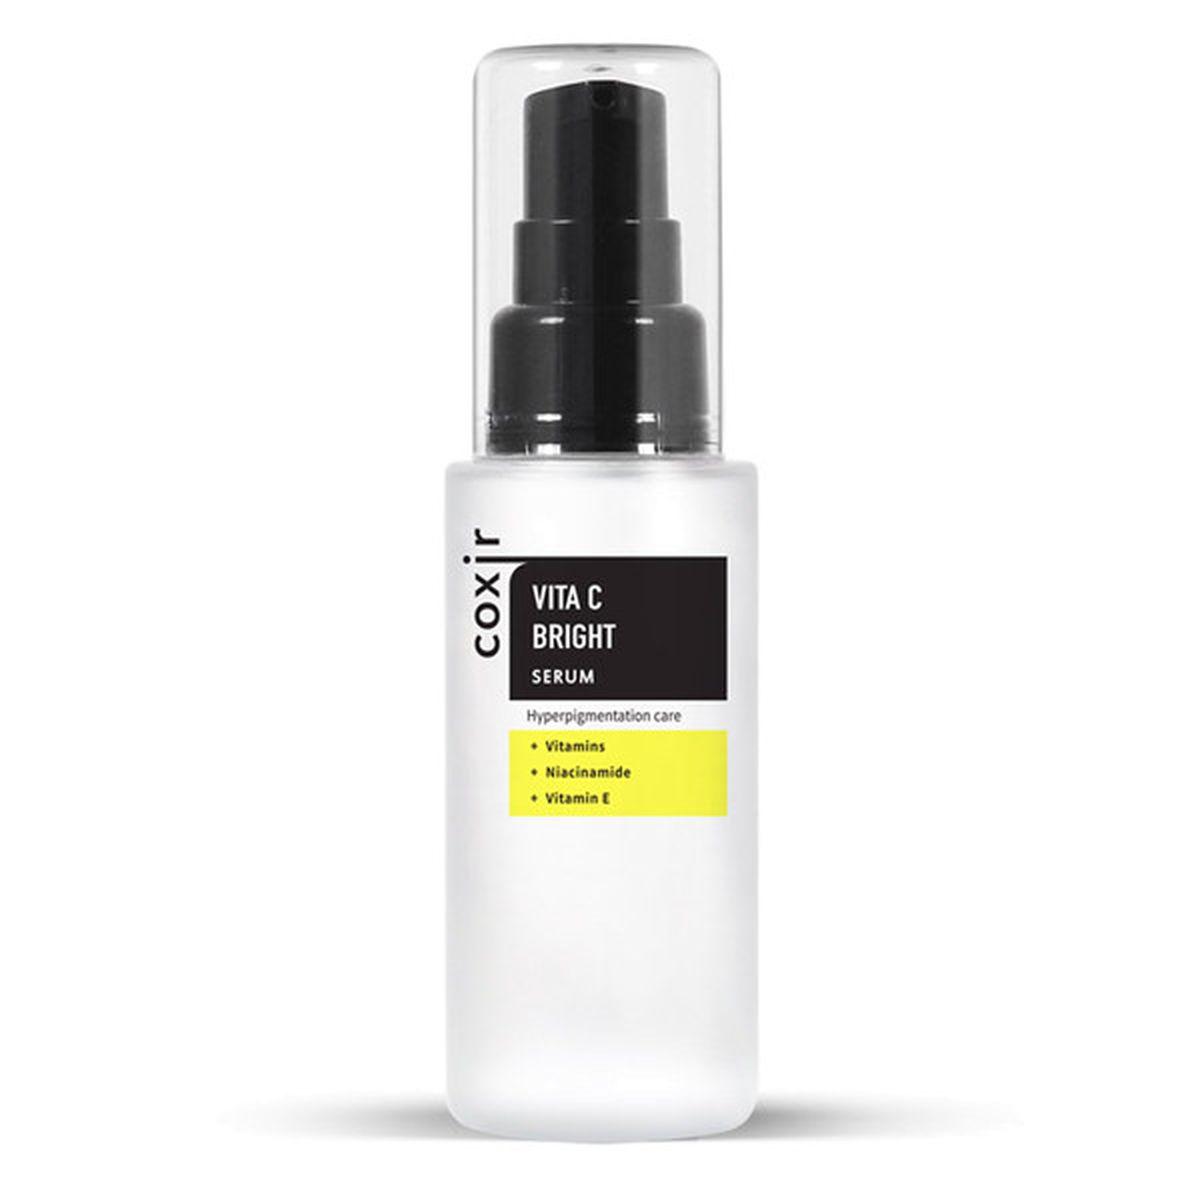 Витаминная сыворотка для сияния кожи COXIR Vita C Bright Serum - 50 мл